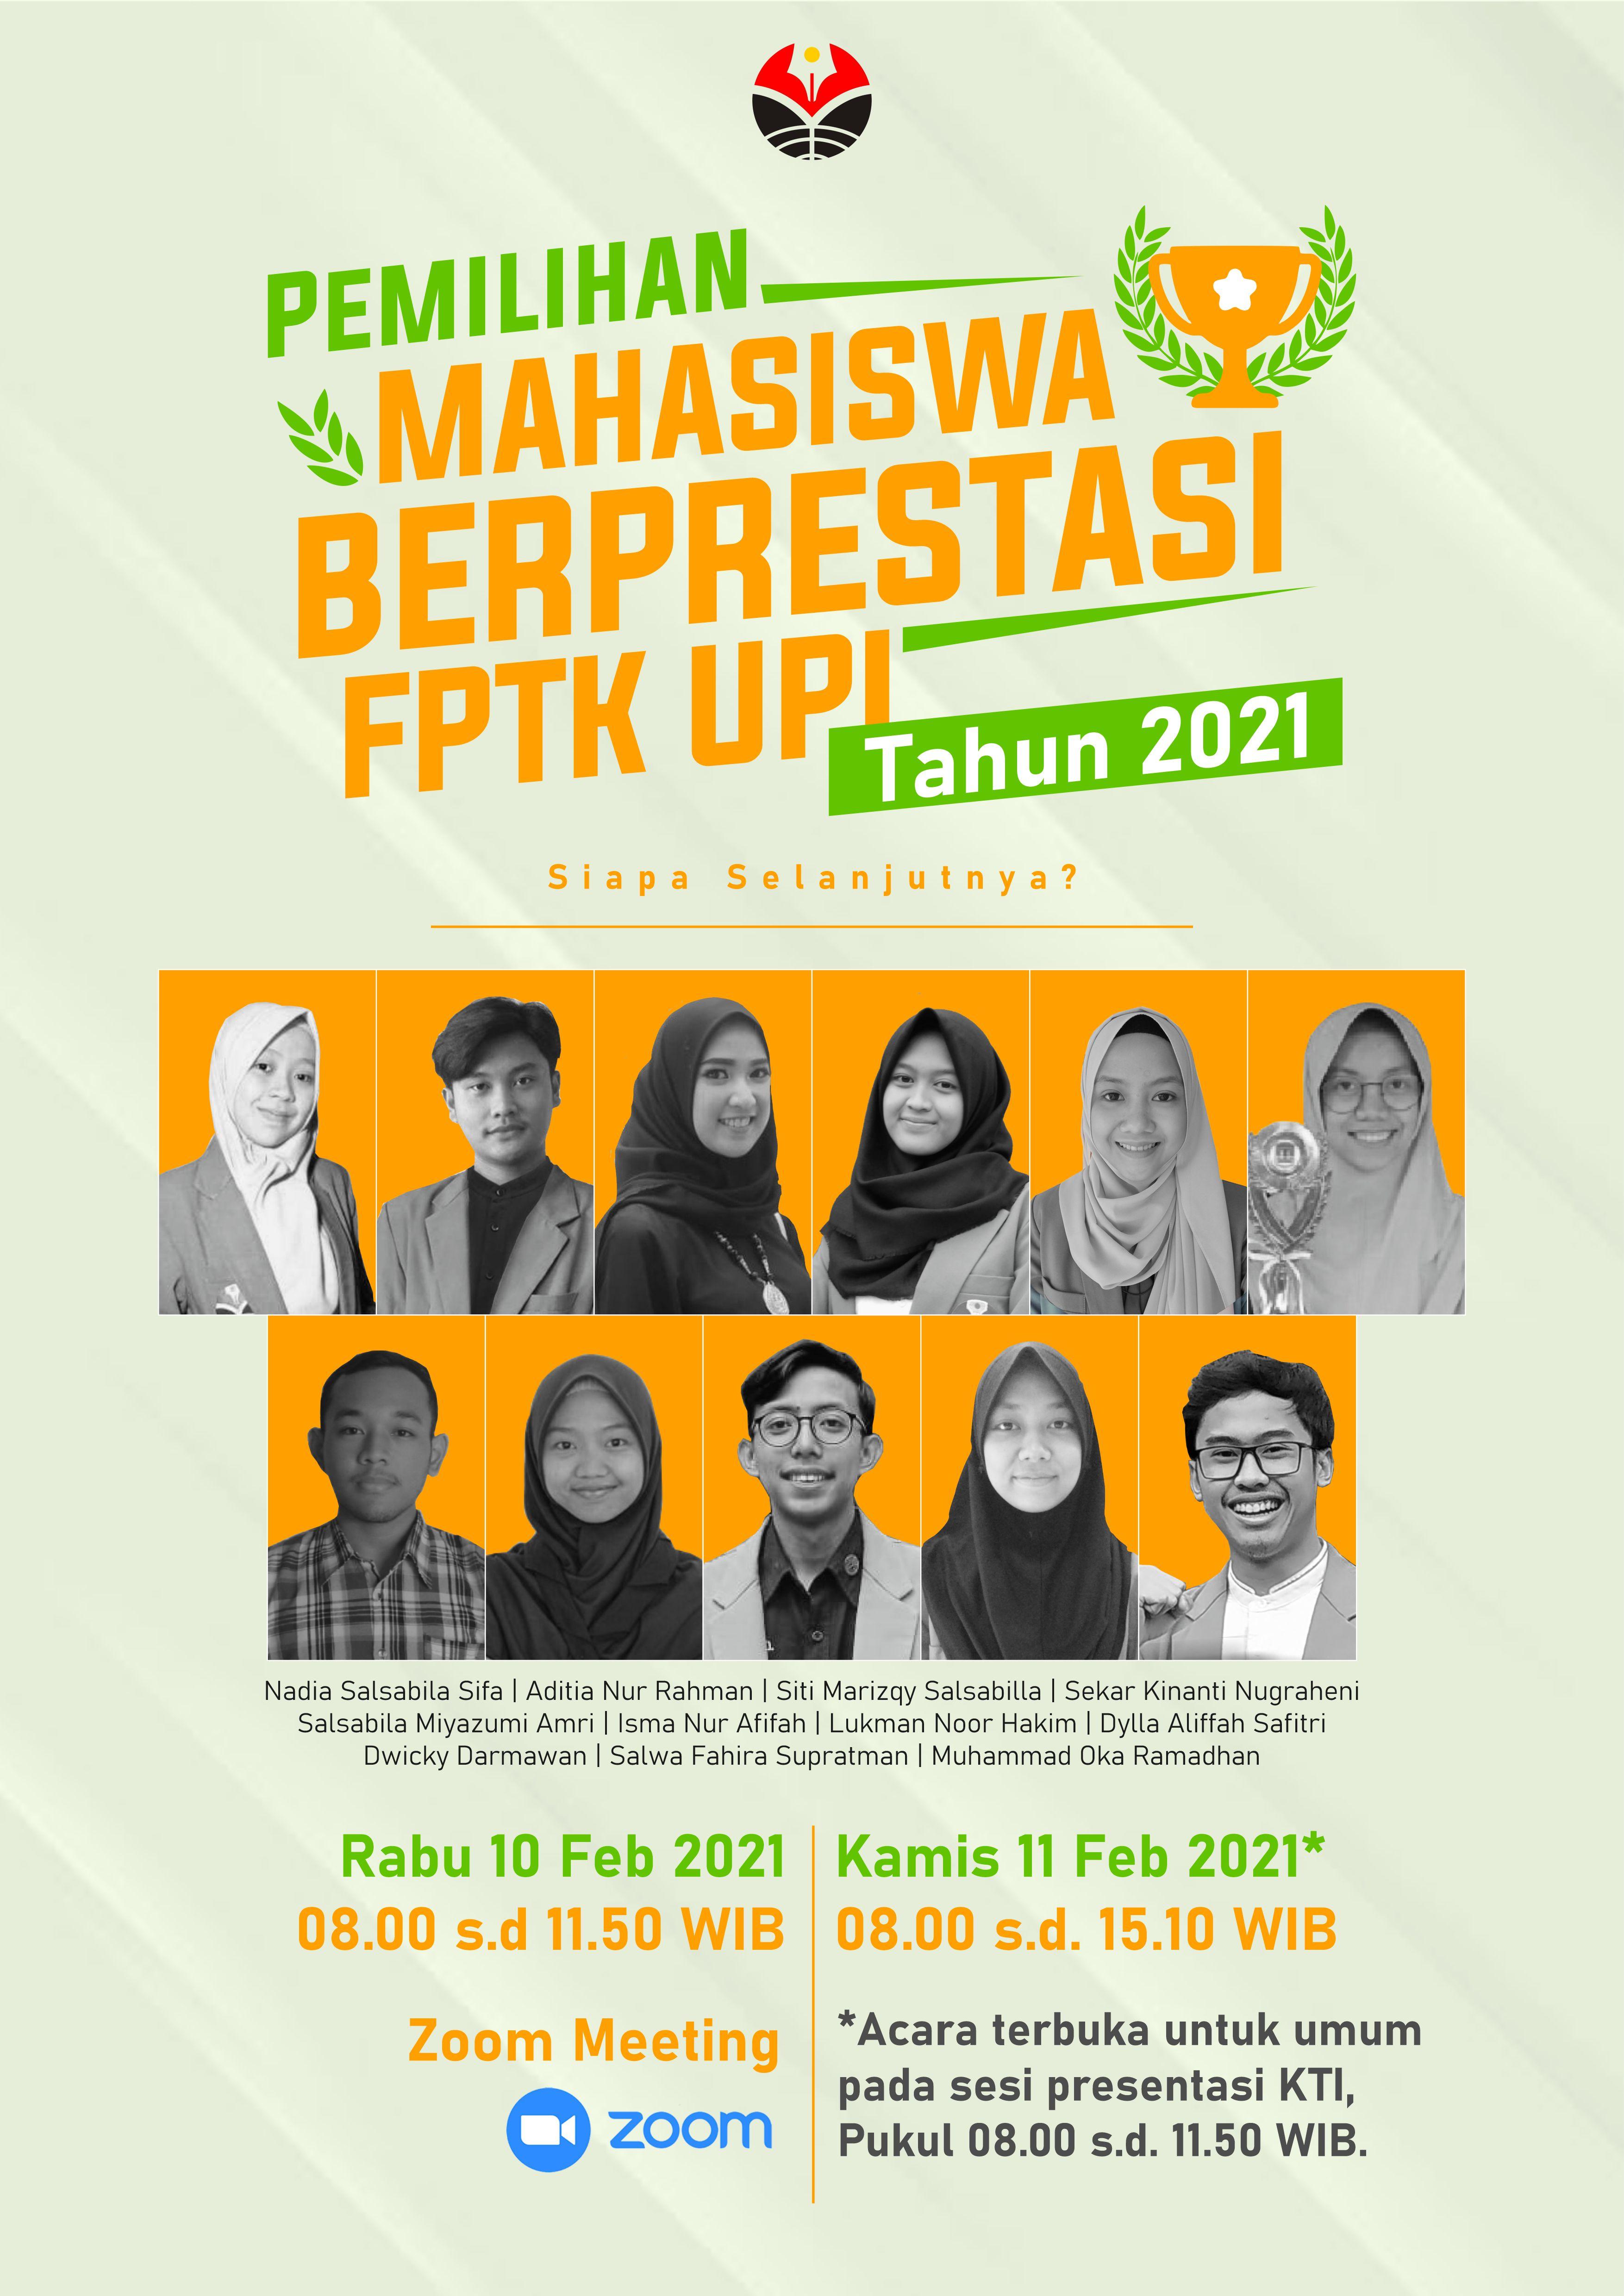 Pemilihan Mahasiswa Berprestasi FPTK UPI Tahun 2021